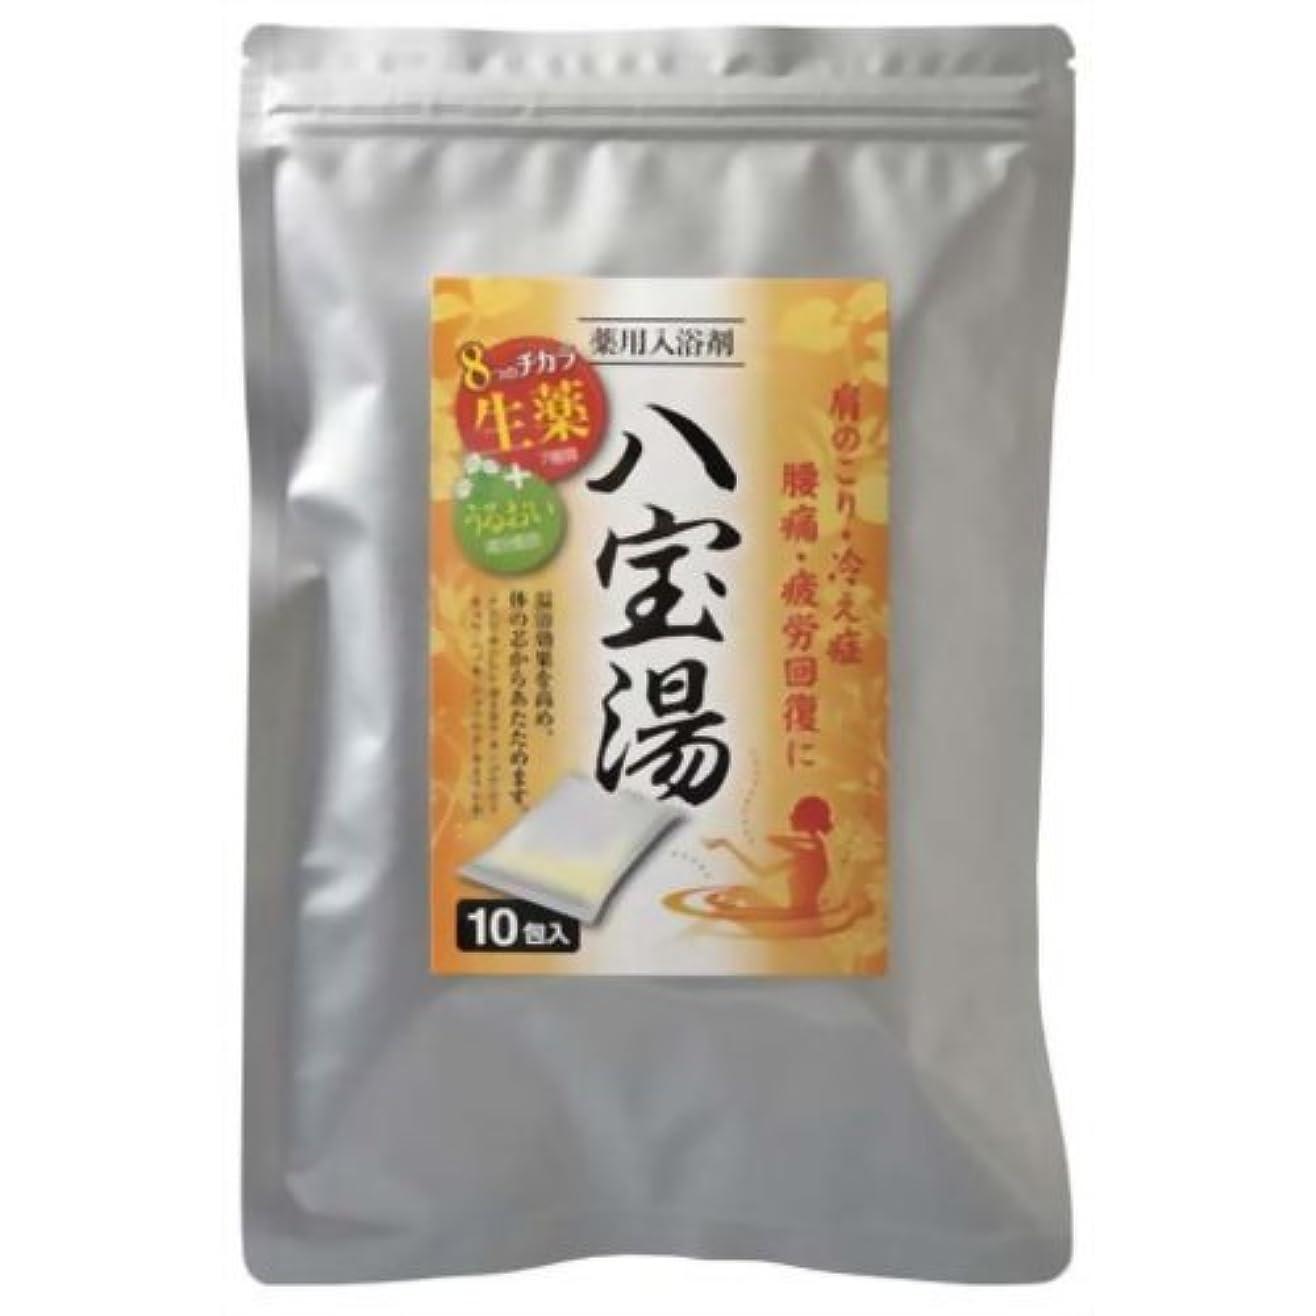 白鳥検閲広く薬用入浴剤 八宝湯 カモミールの香り 10包 [医薬部外品]